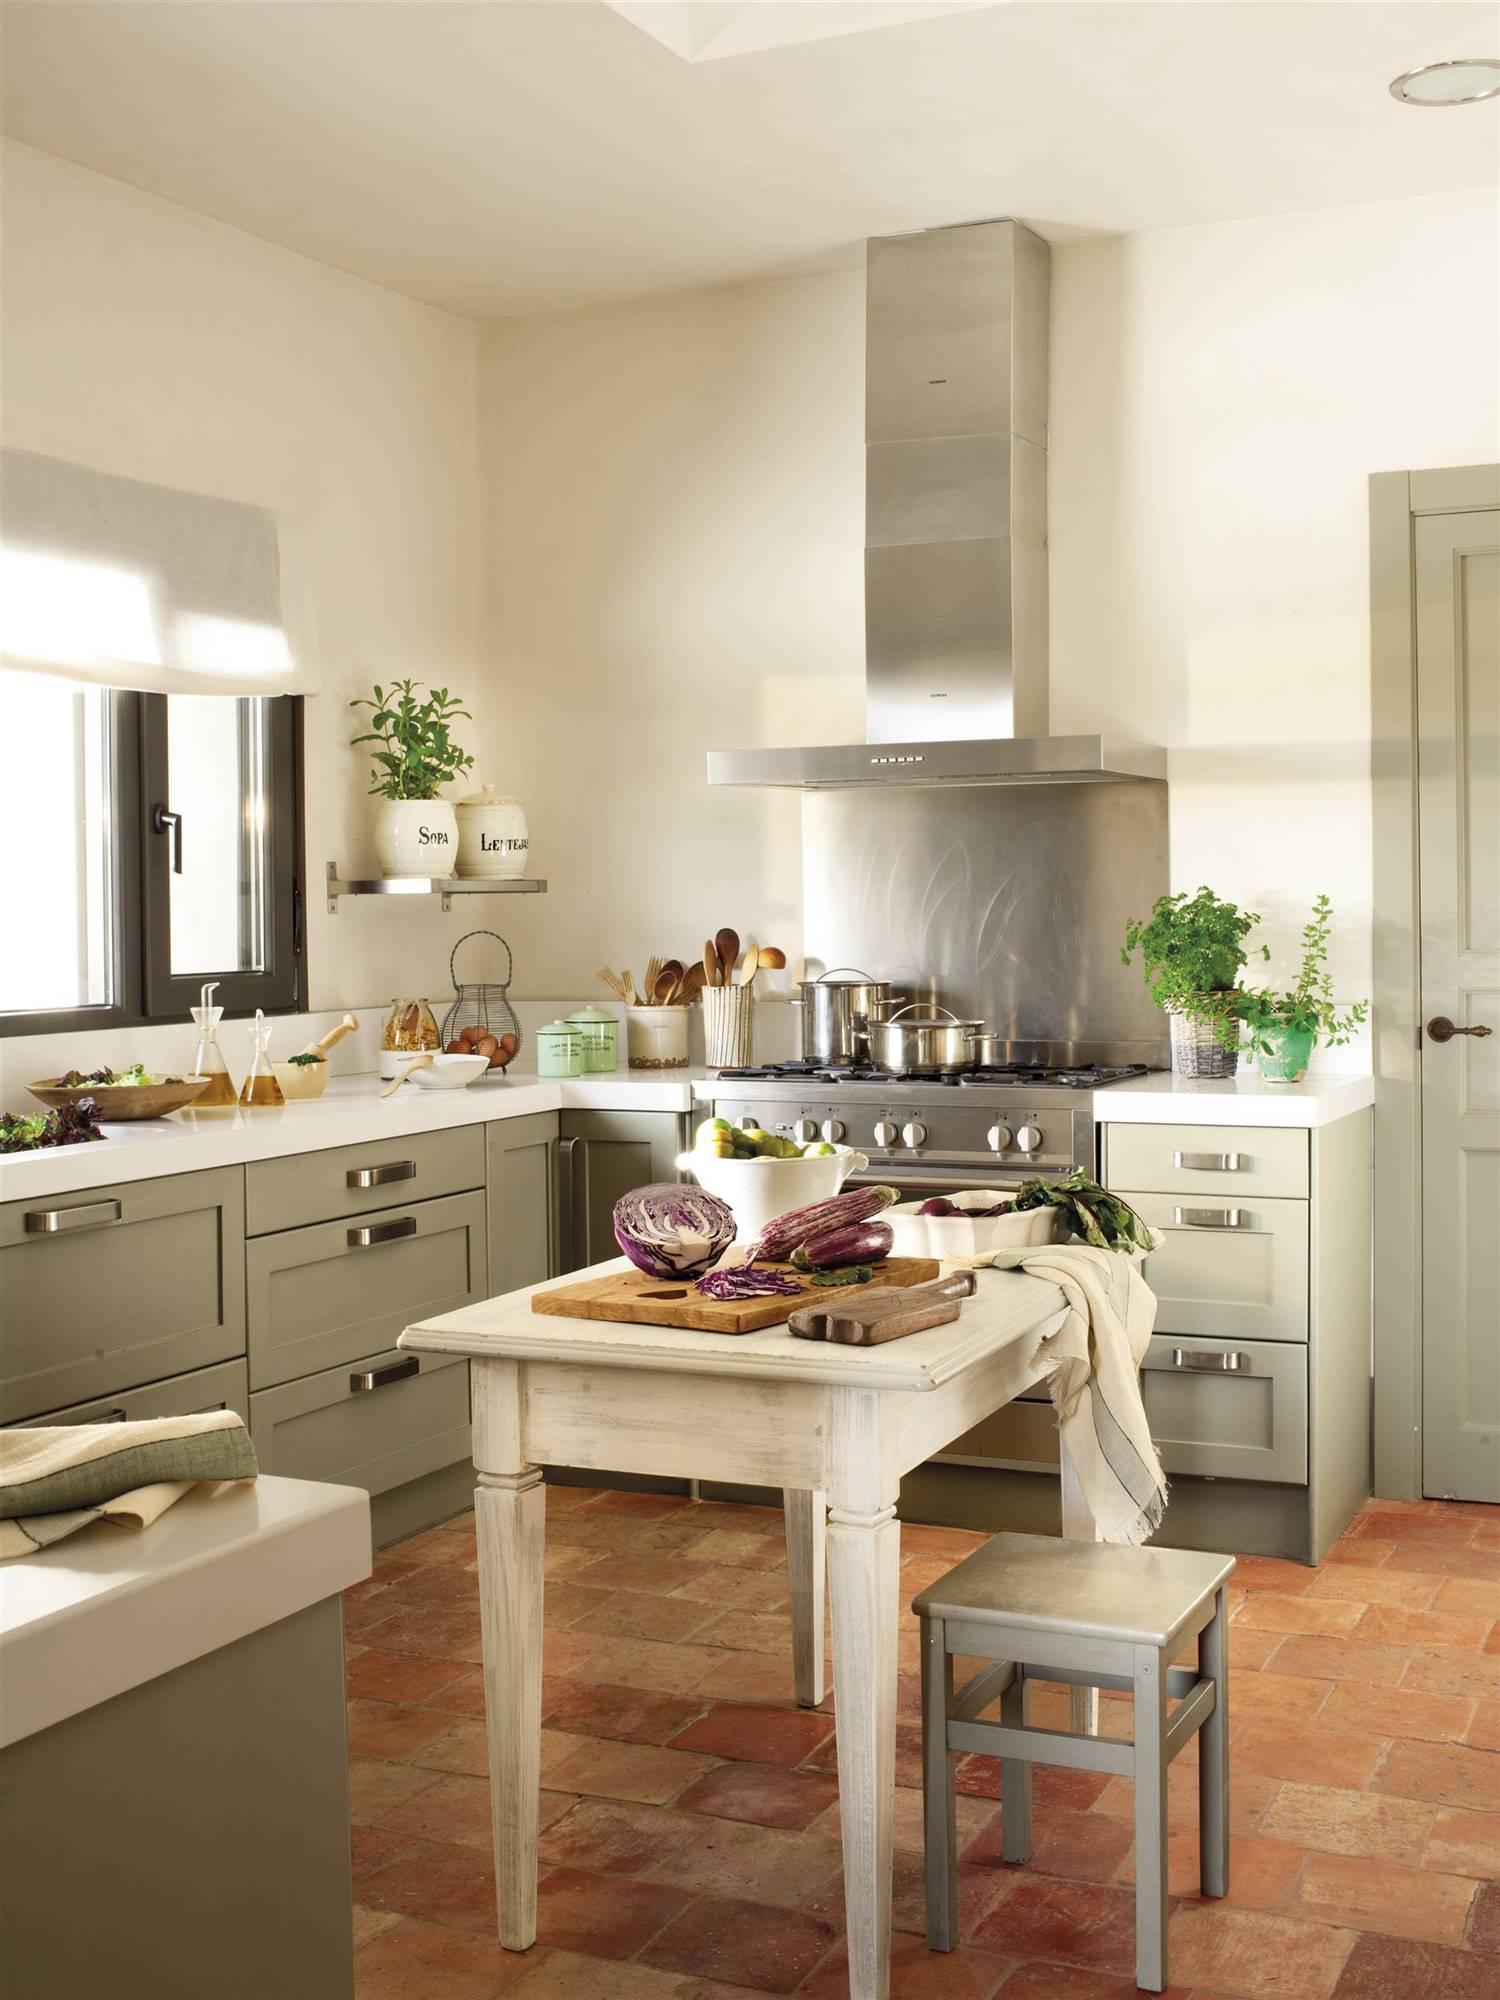 Baked clay shelves.  2. Terracotta floors